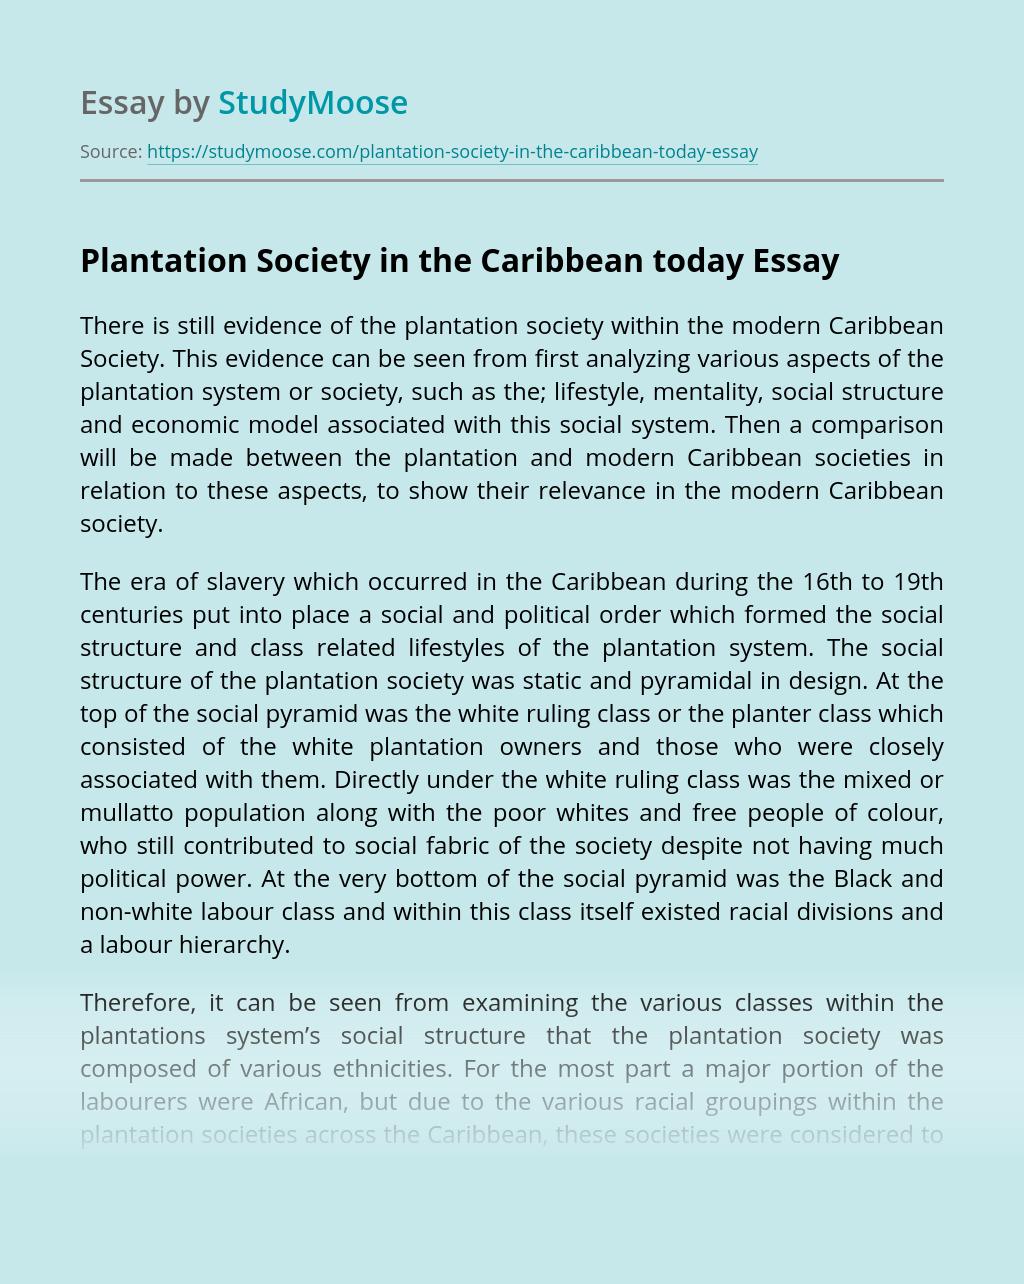 Plantation Society in the Caribbean today